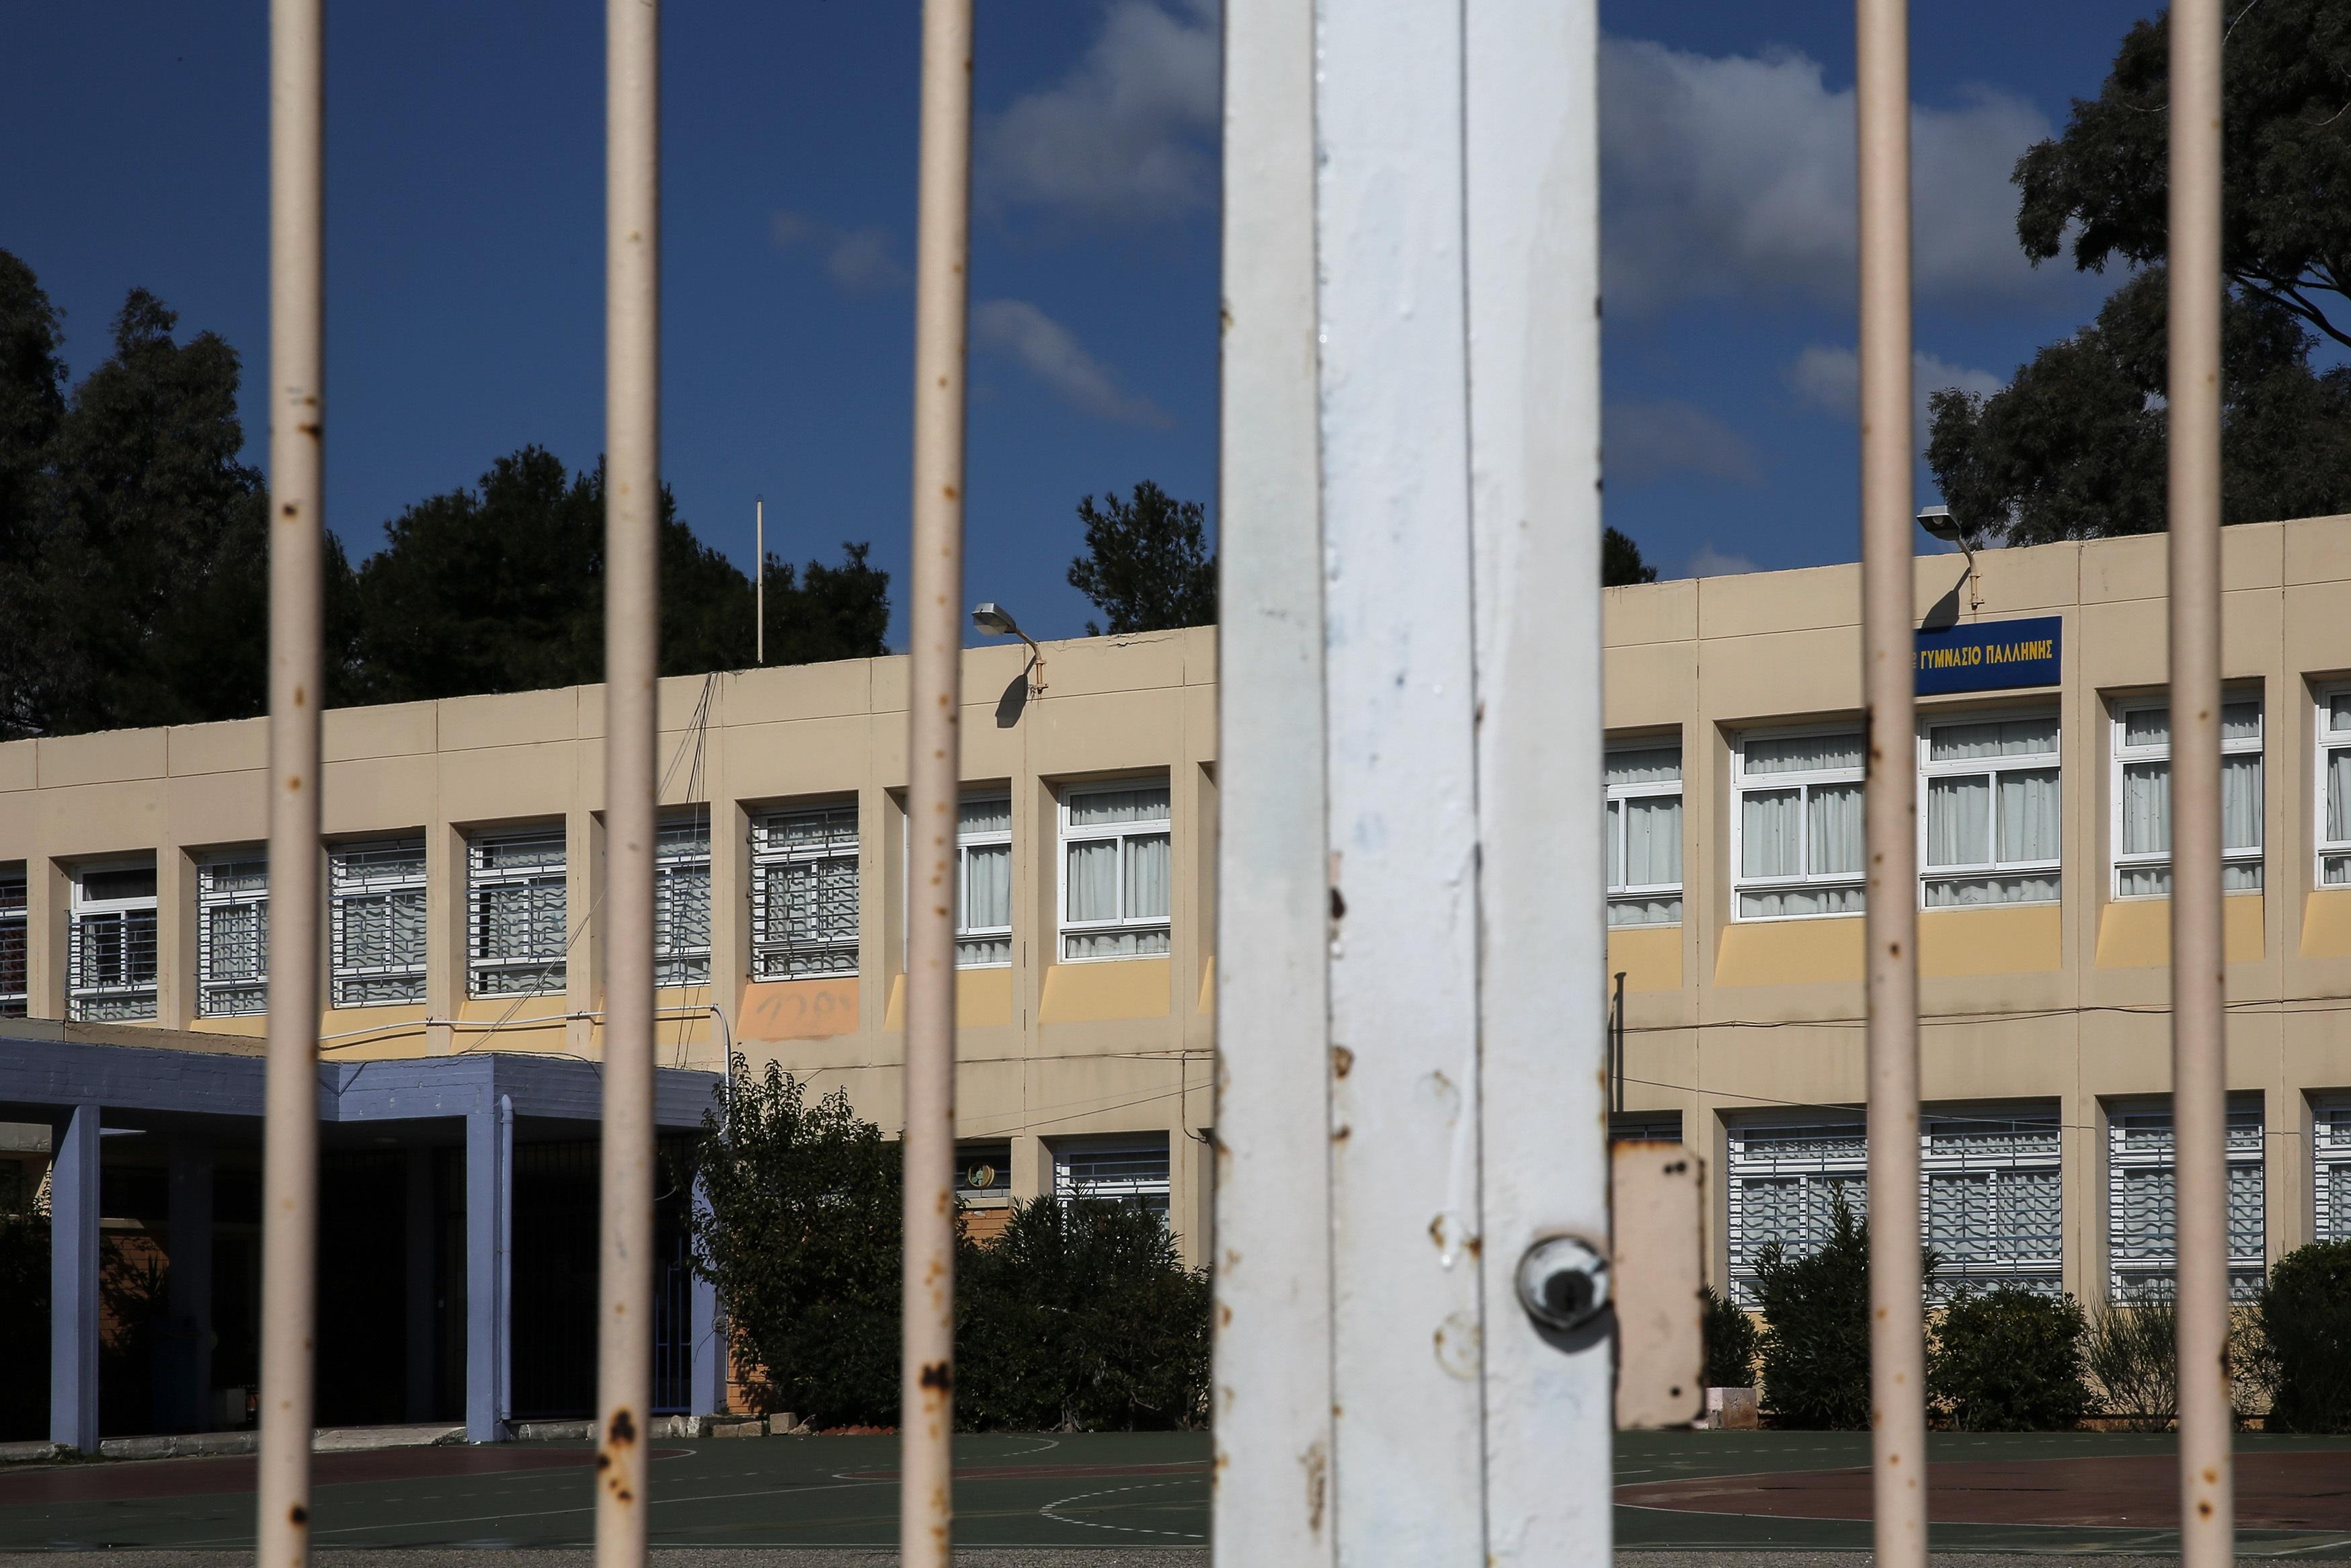 """Χαμός σε Γυμνάσιο στη Μεταμόρφωση! Καθηγητής απειλούσε μαθητή: """"Θα σε σφάξω"""" - Είχε πάνω του σουγιά!"""